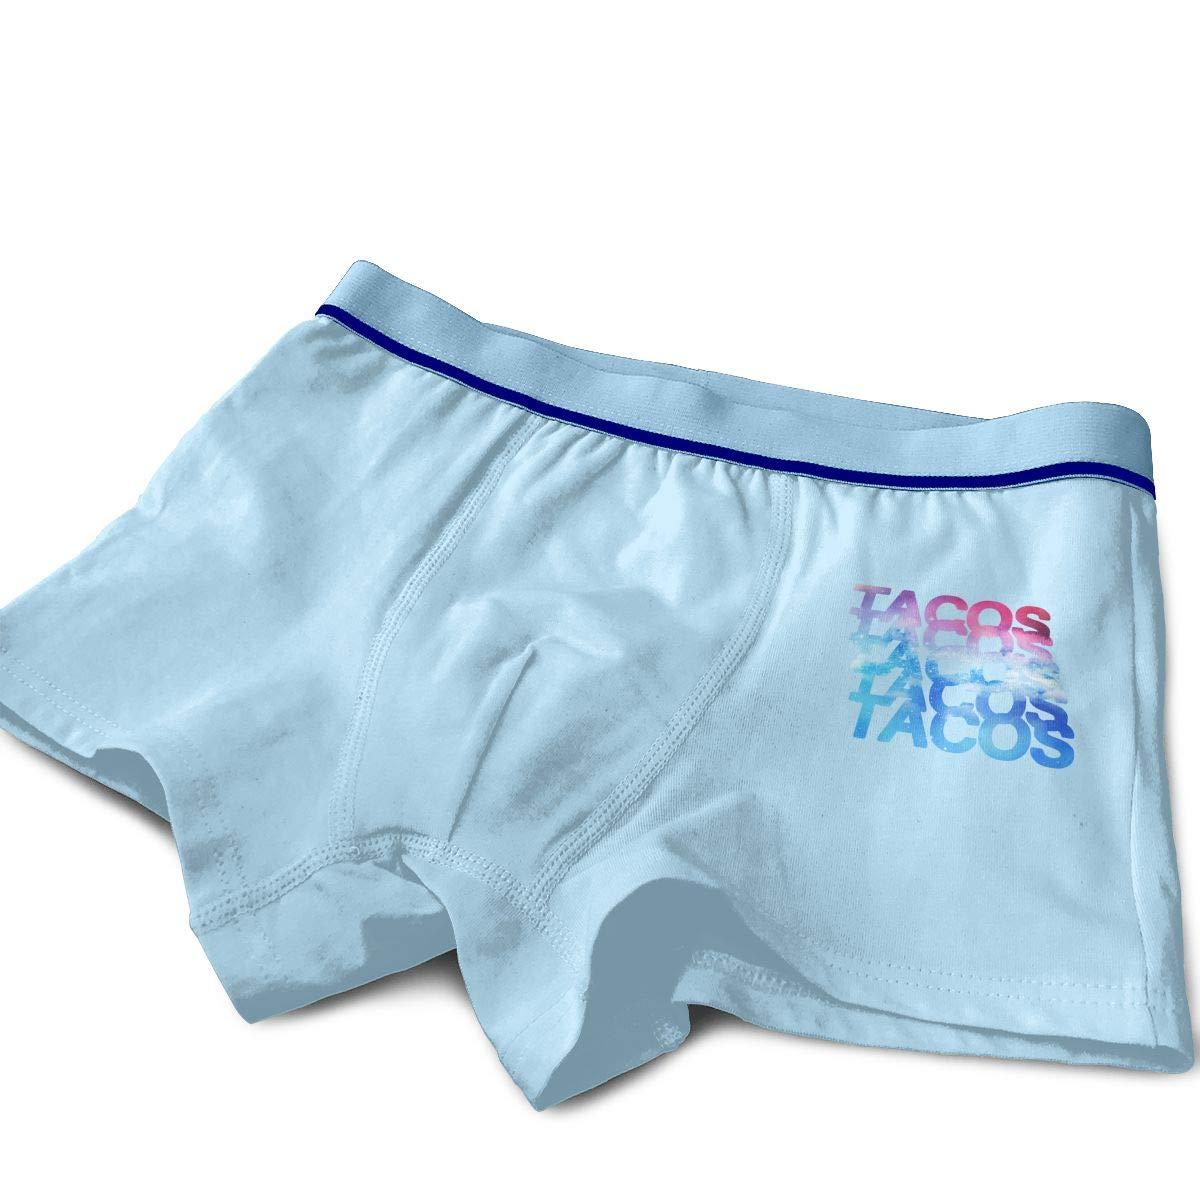 Raingningsning Tacos Tacos Tacos Tacos Tacos Boys Cotton Boxer Briefs Underwear